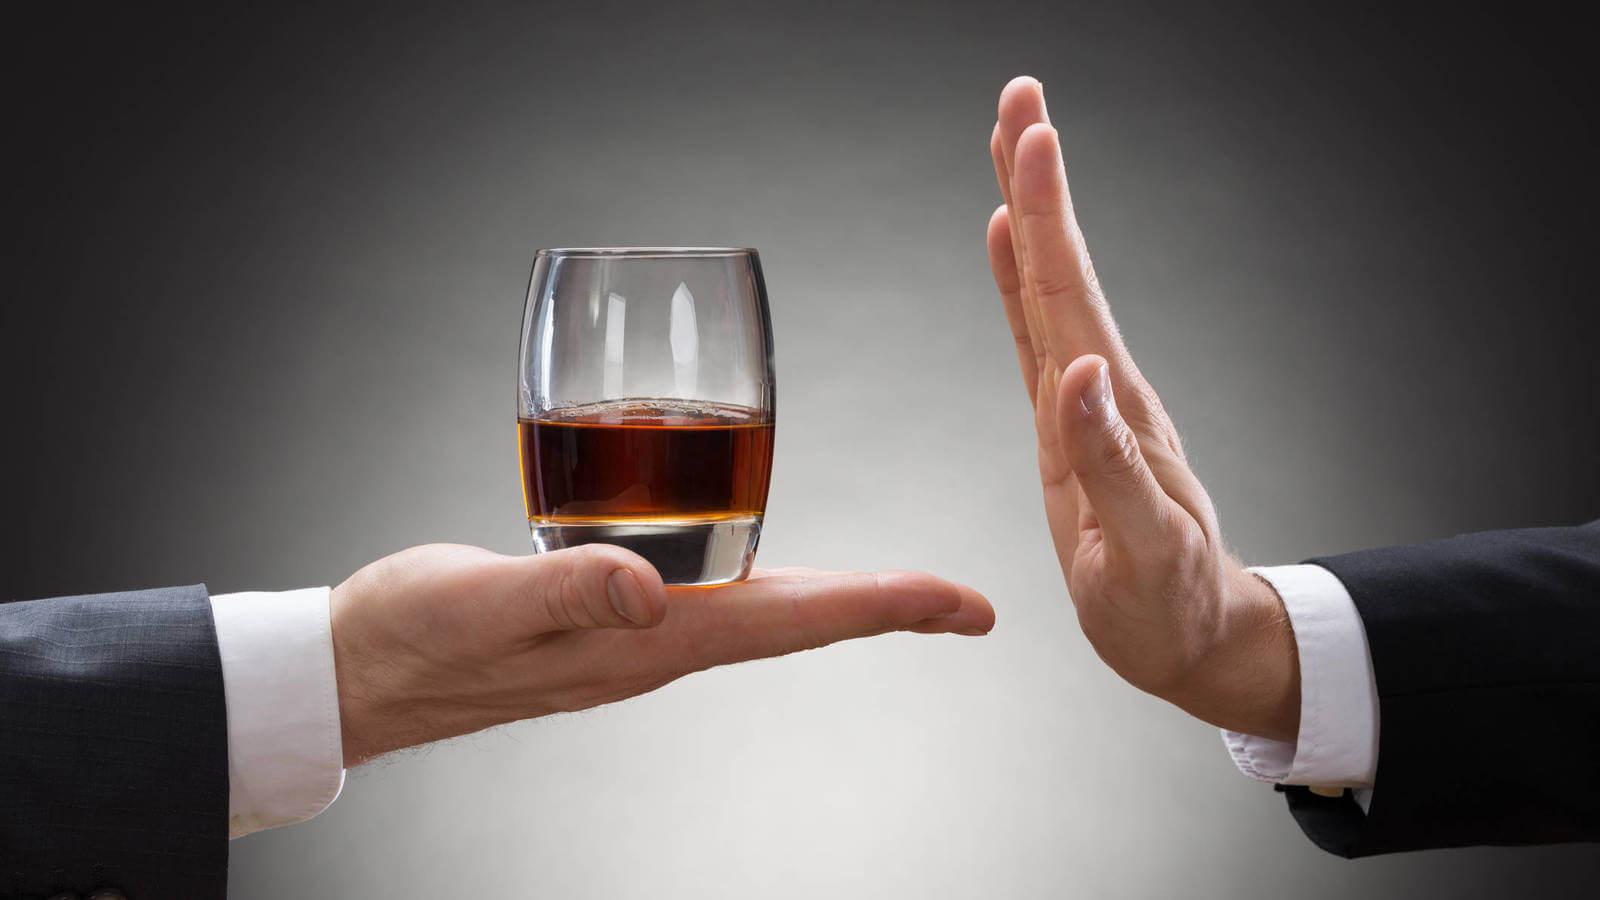 Reducir la tasa de alcoholemia